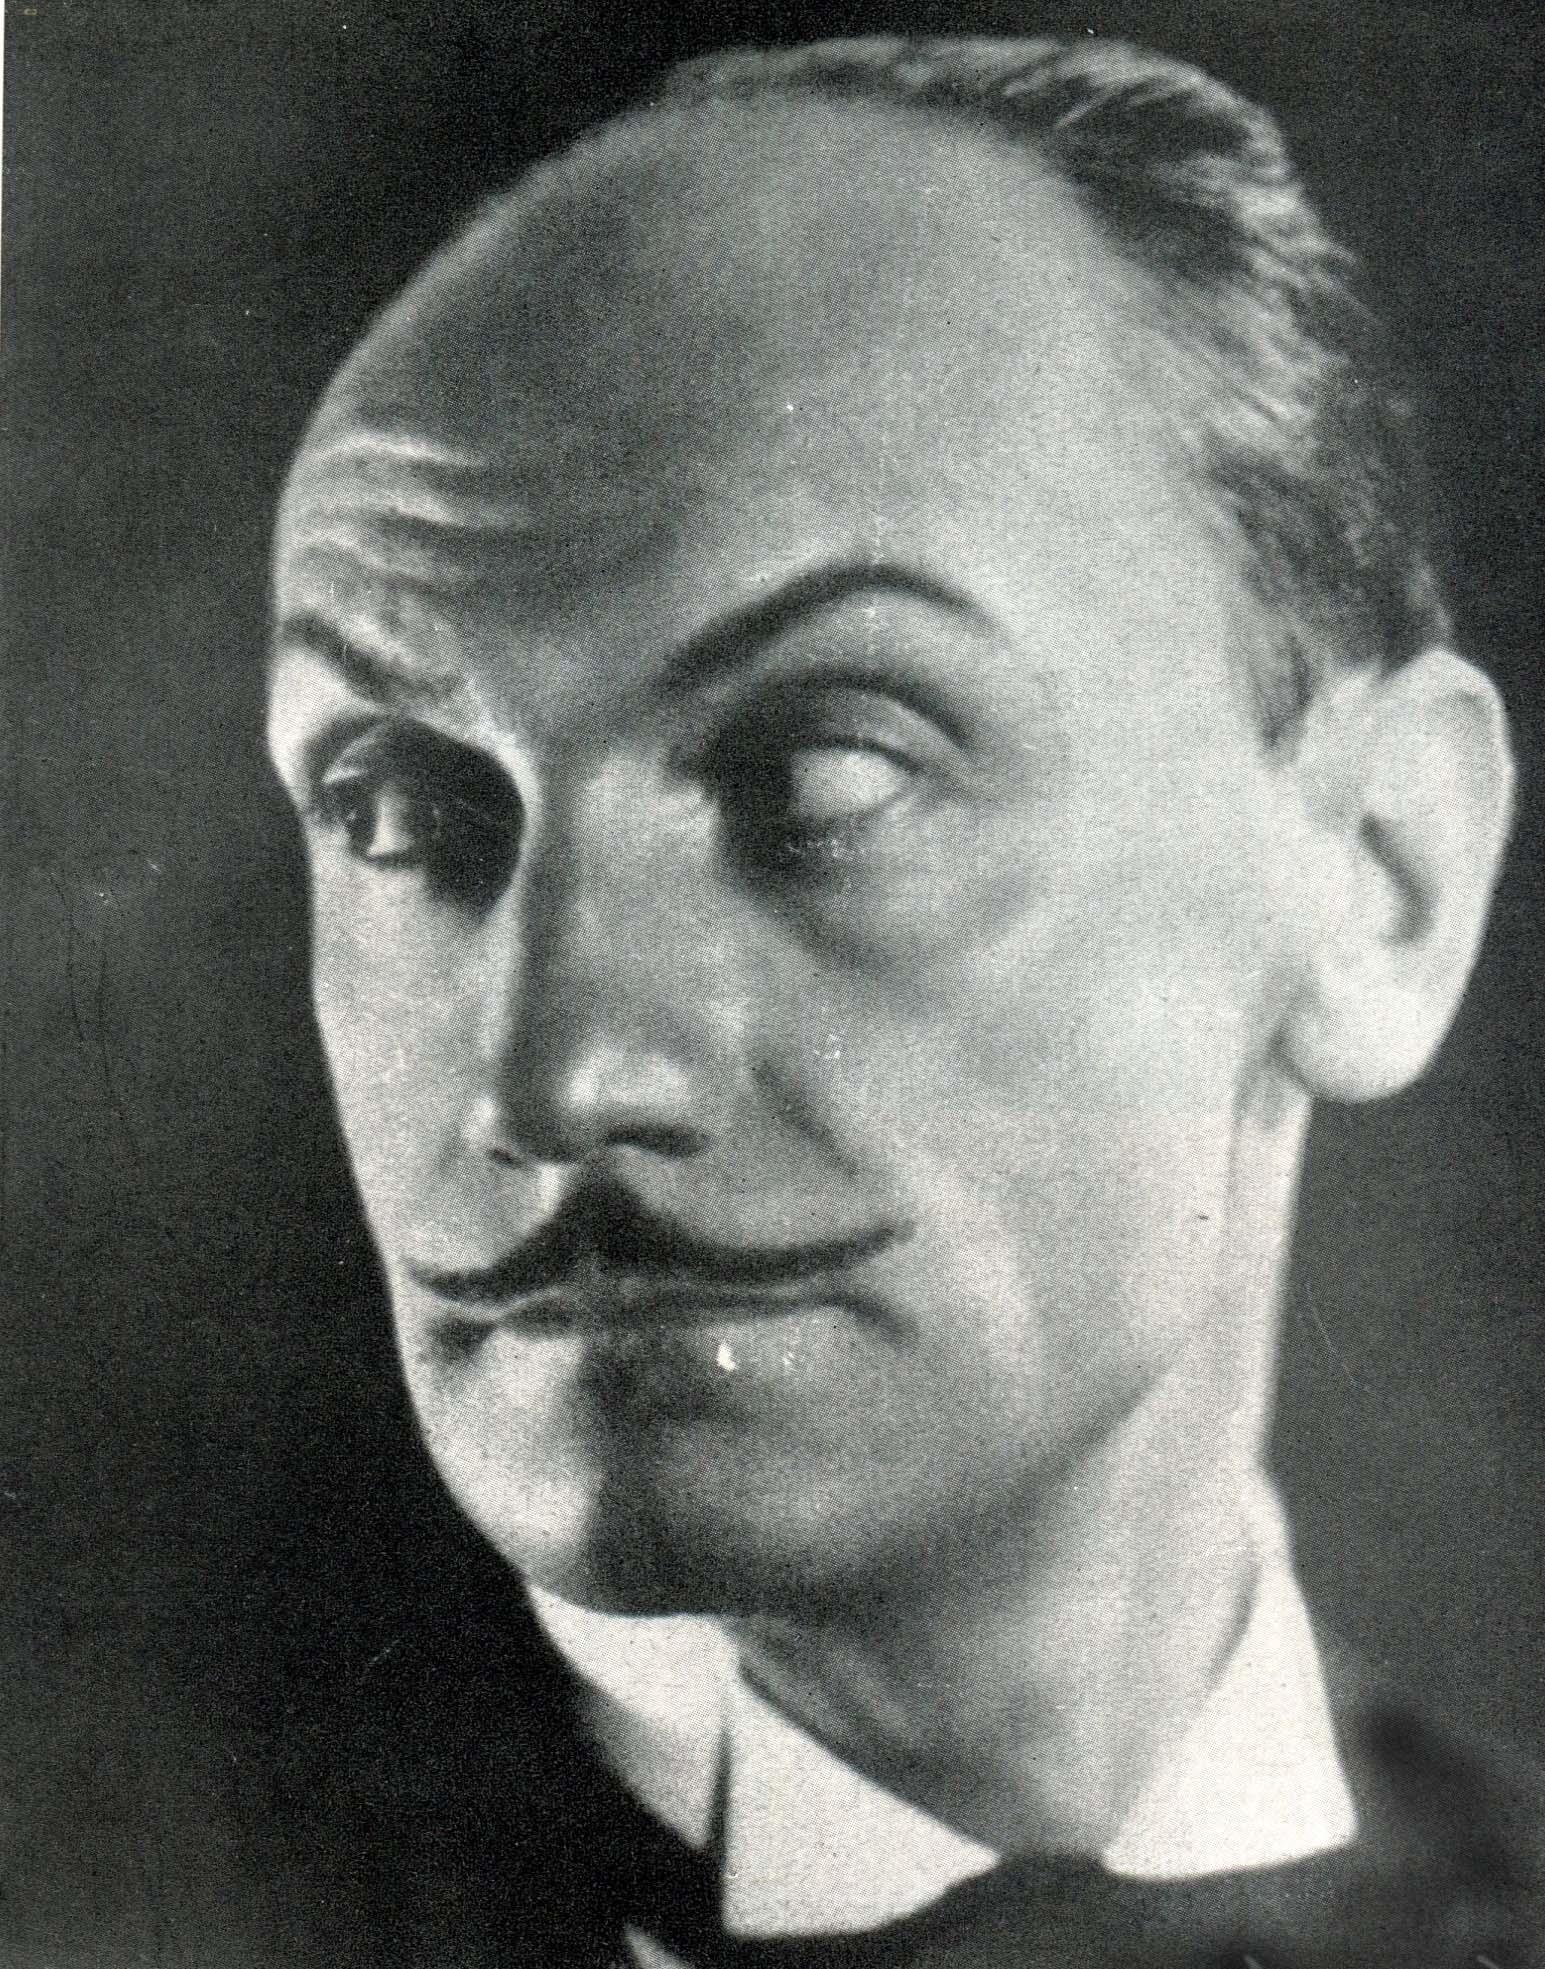 Image of Anton Giulio Bragaglia from Wikidata